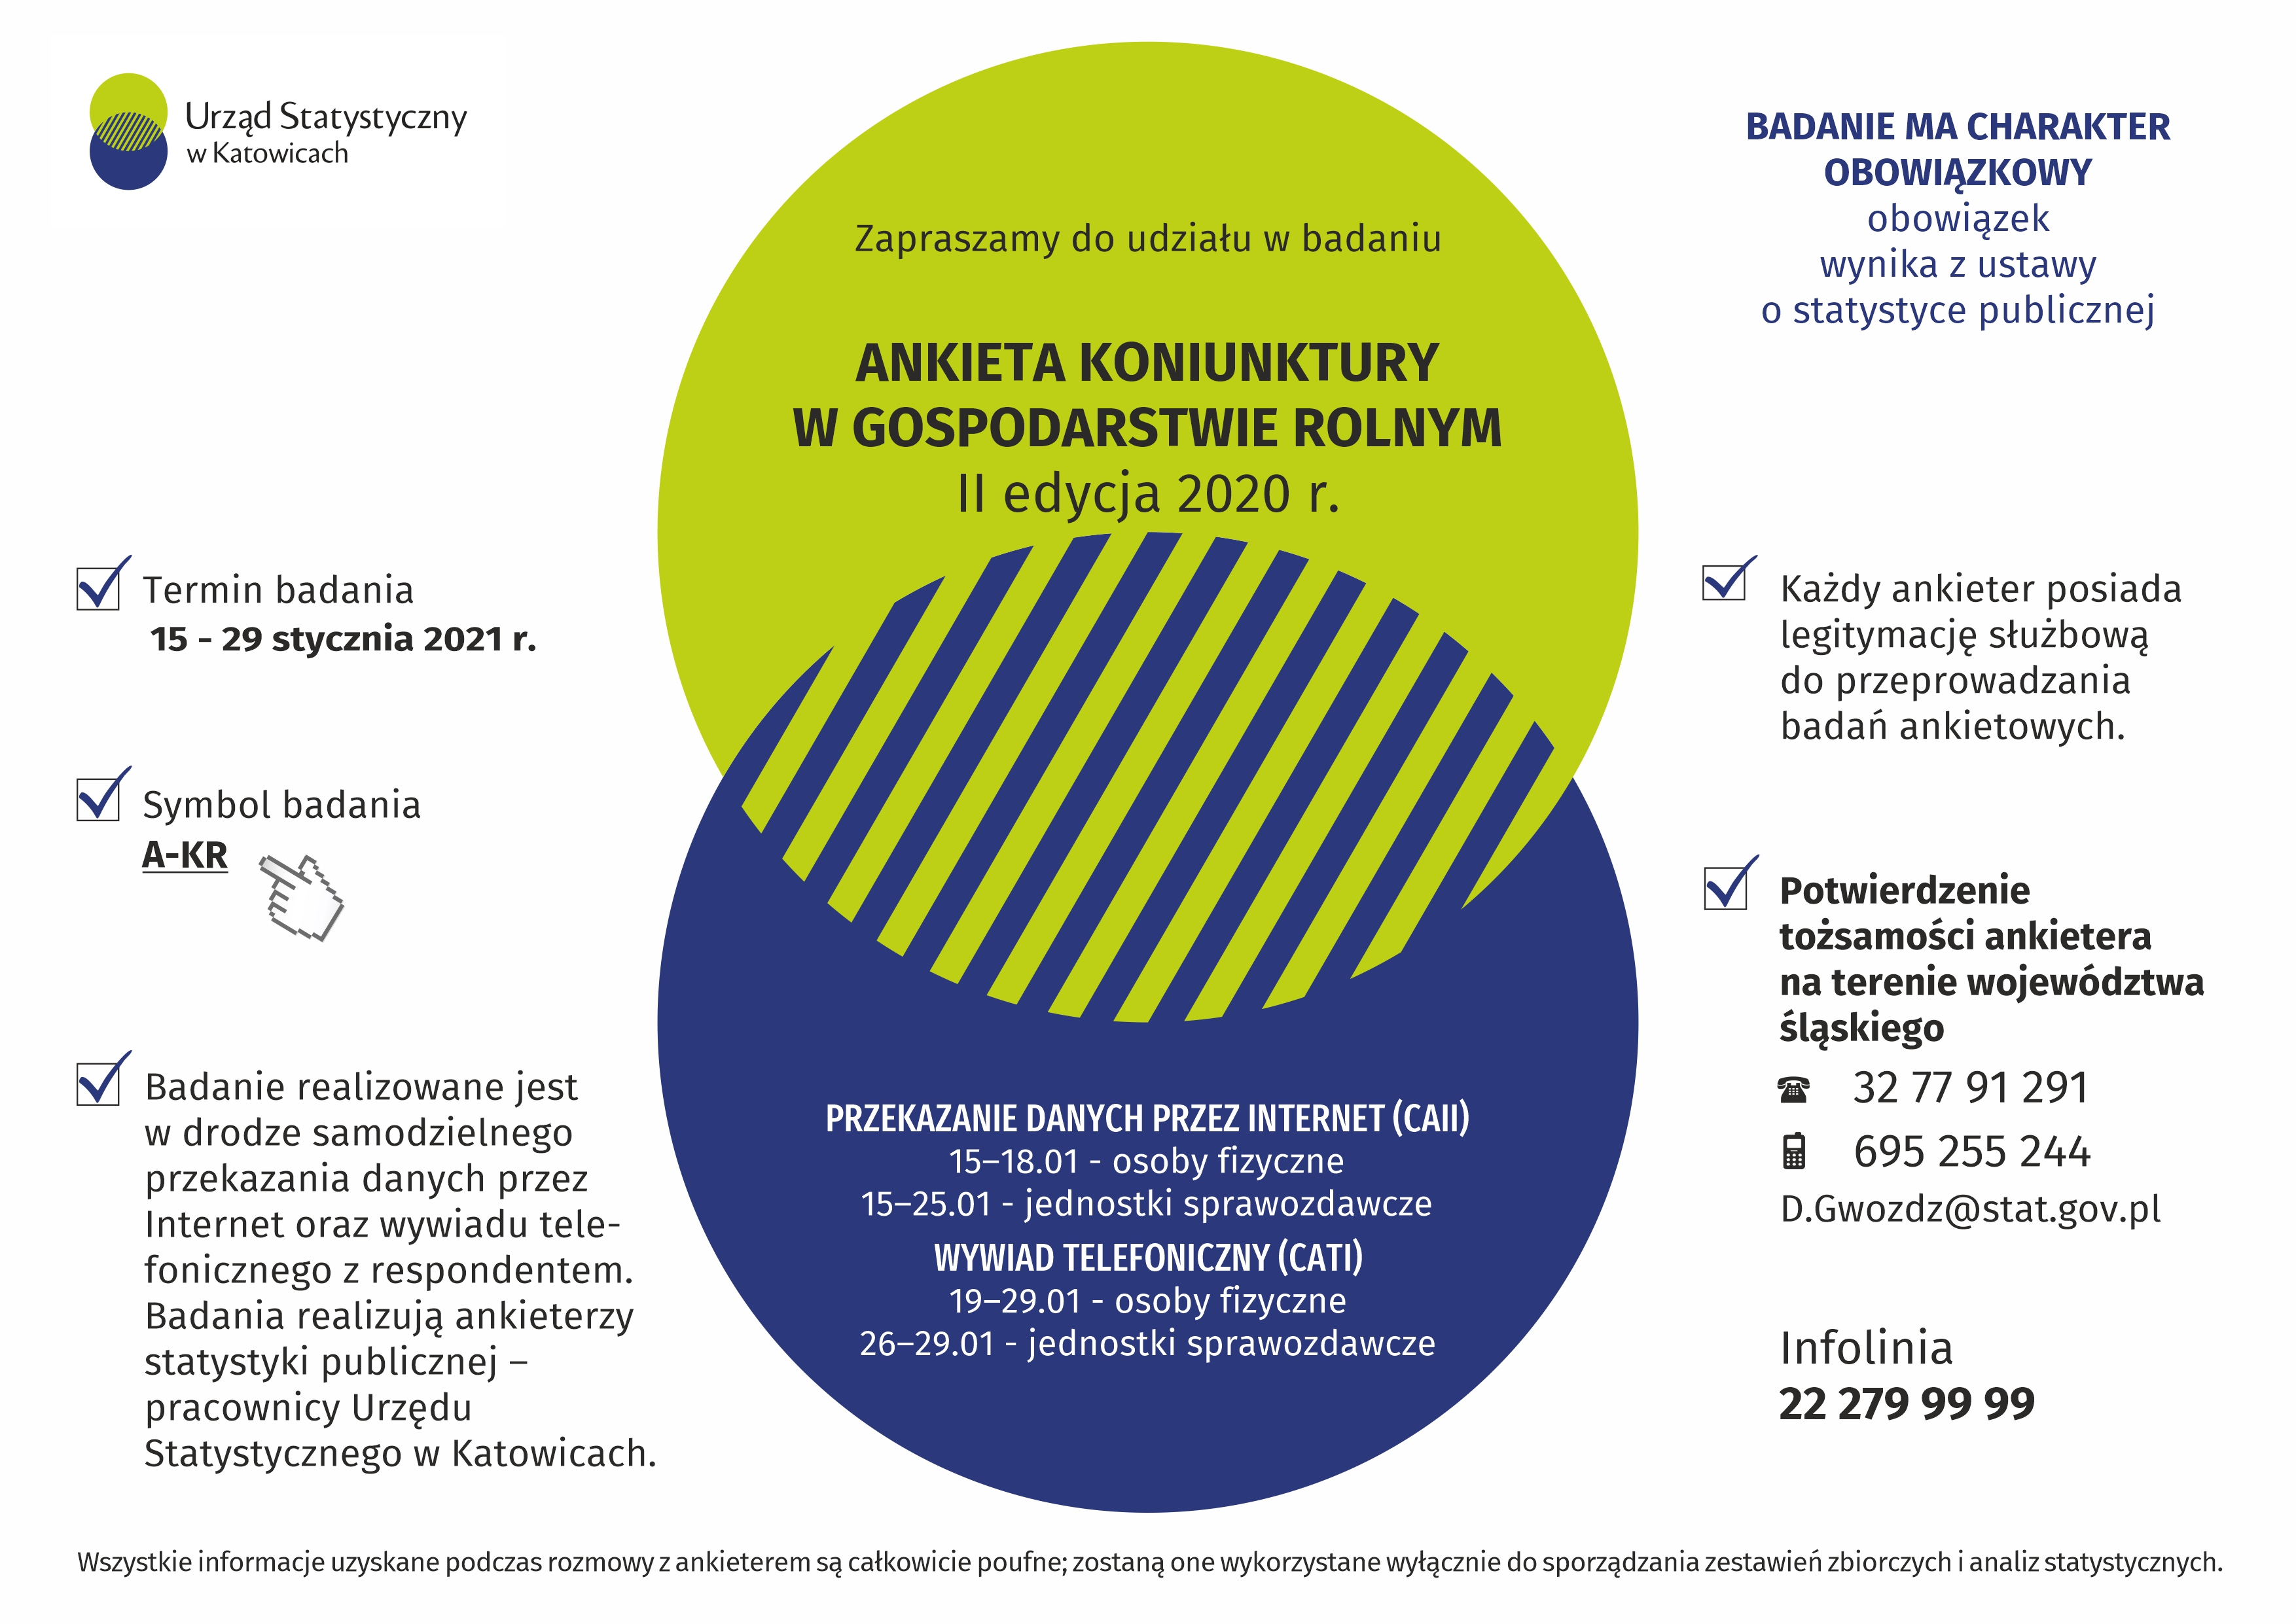 baner urzędu statystycznego